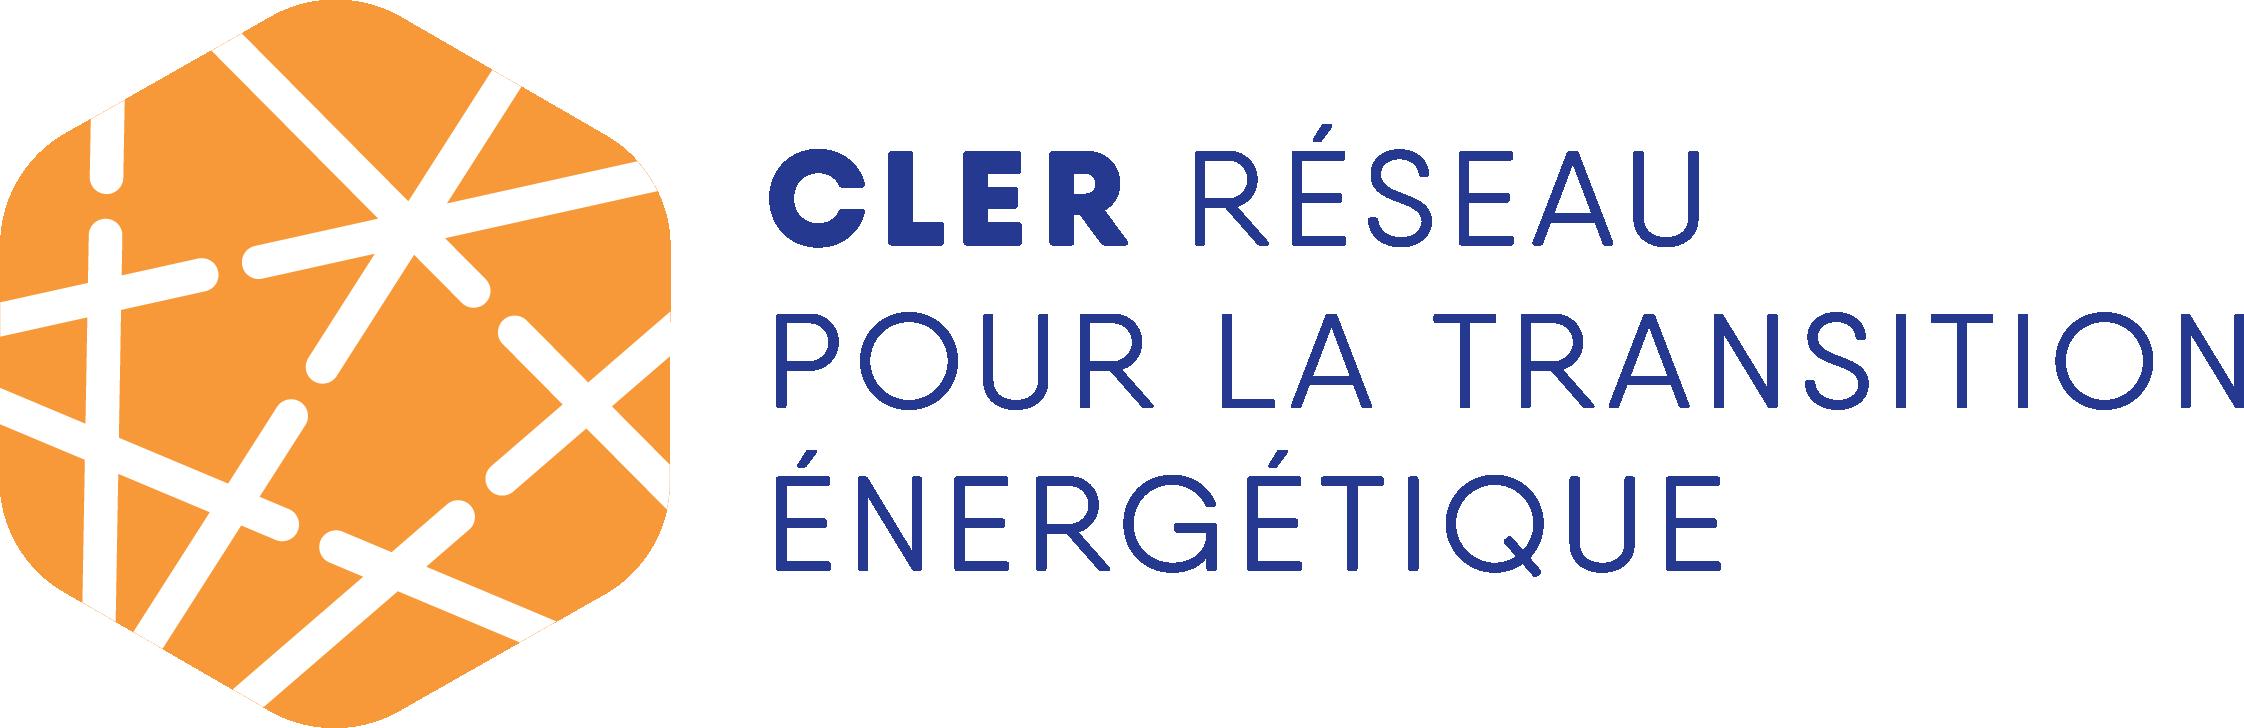 CLER logo.png